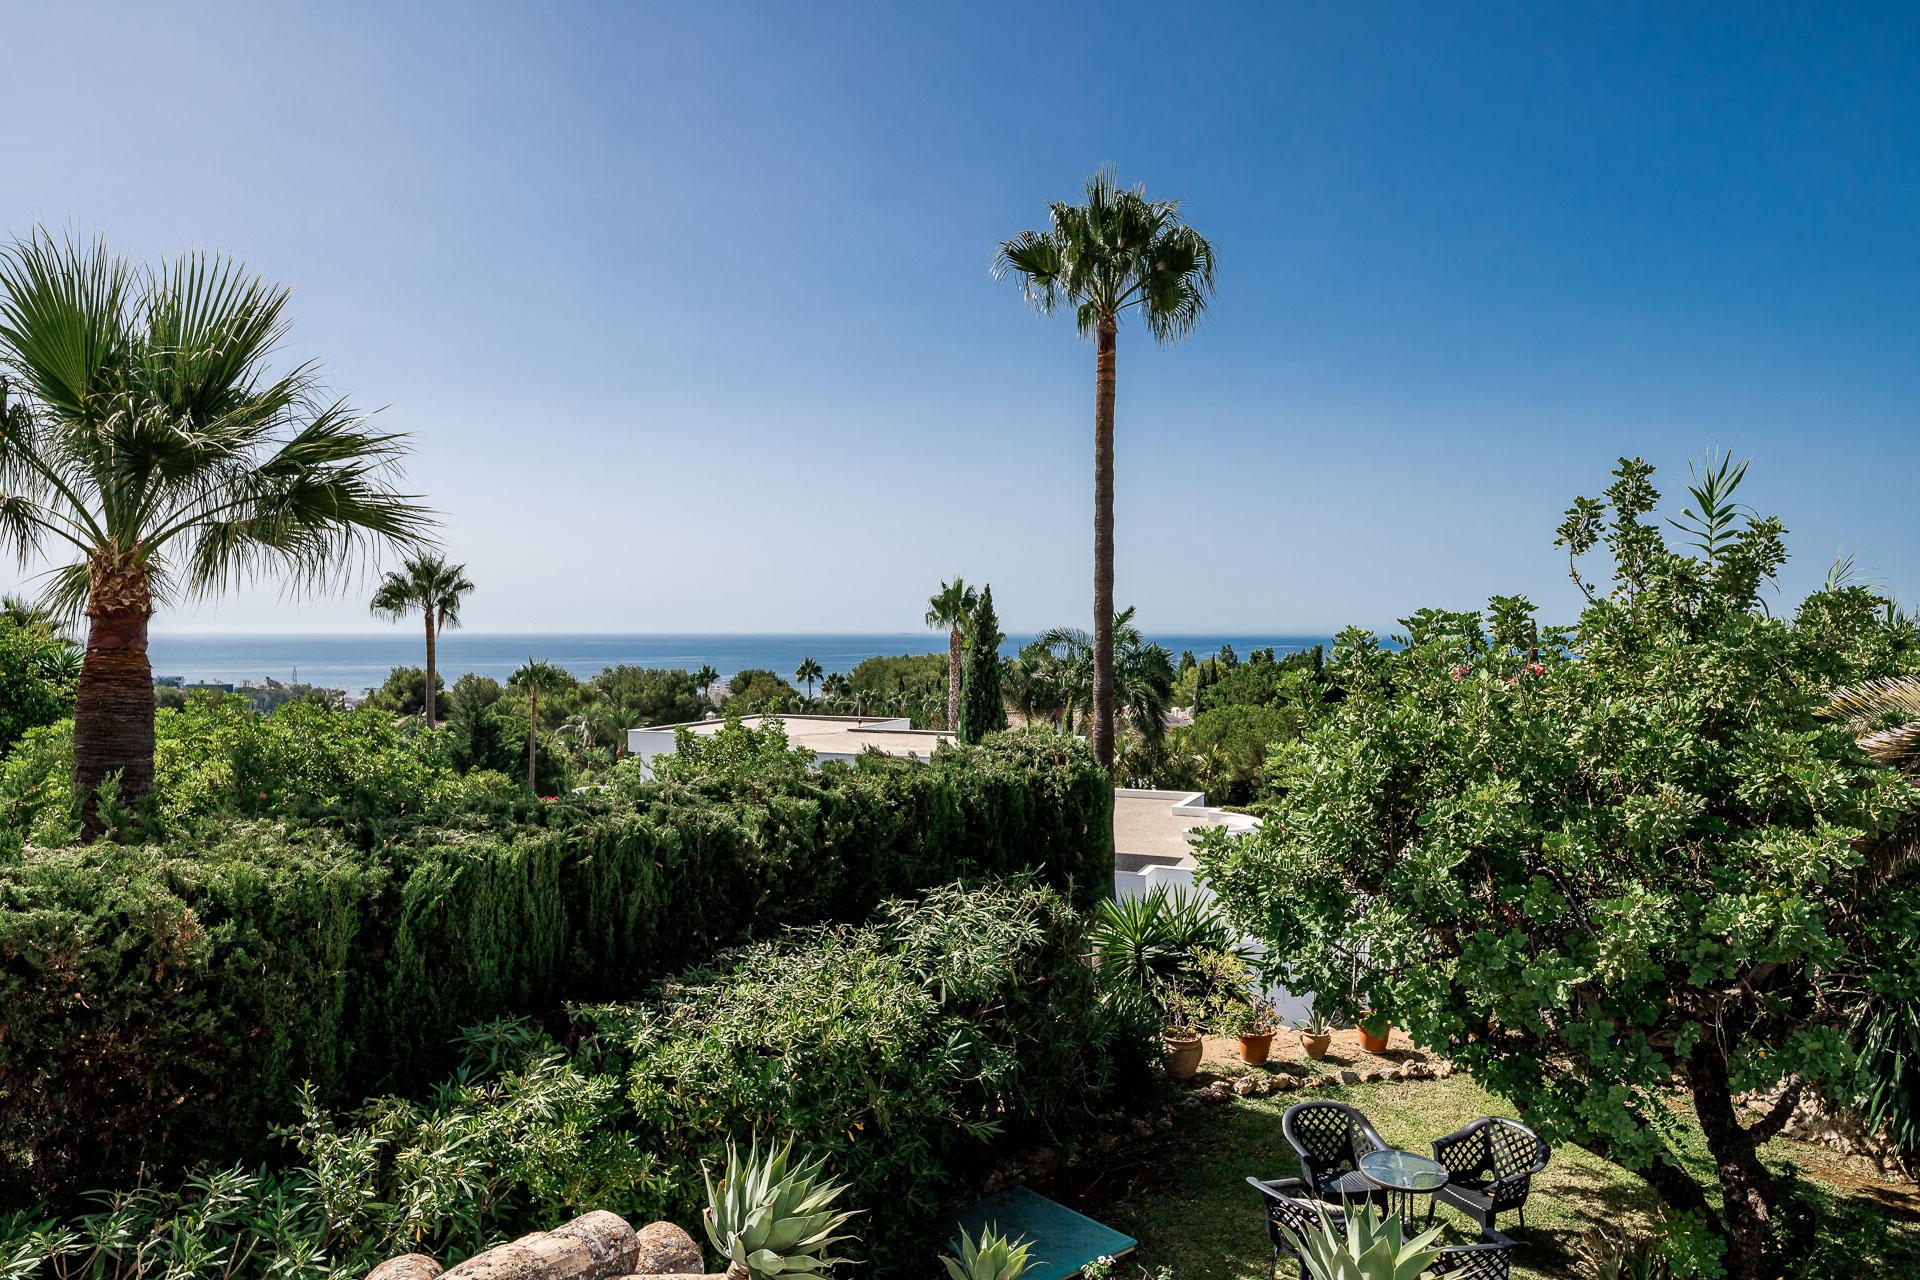 Altos Reales Marbella Golden Mile